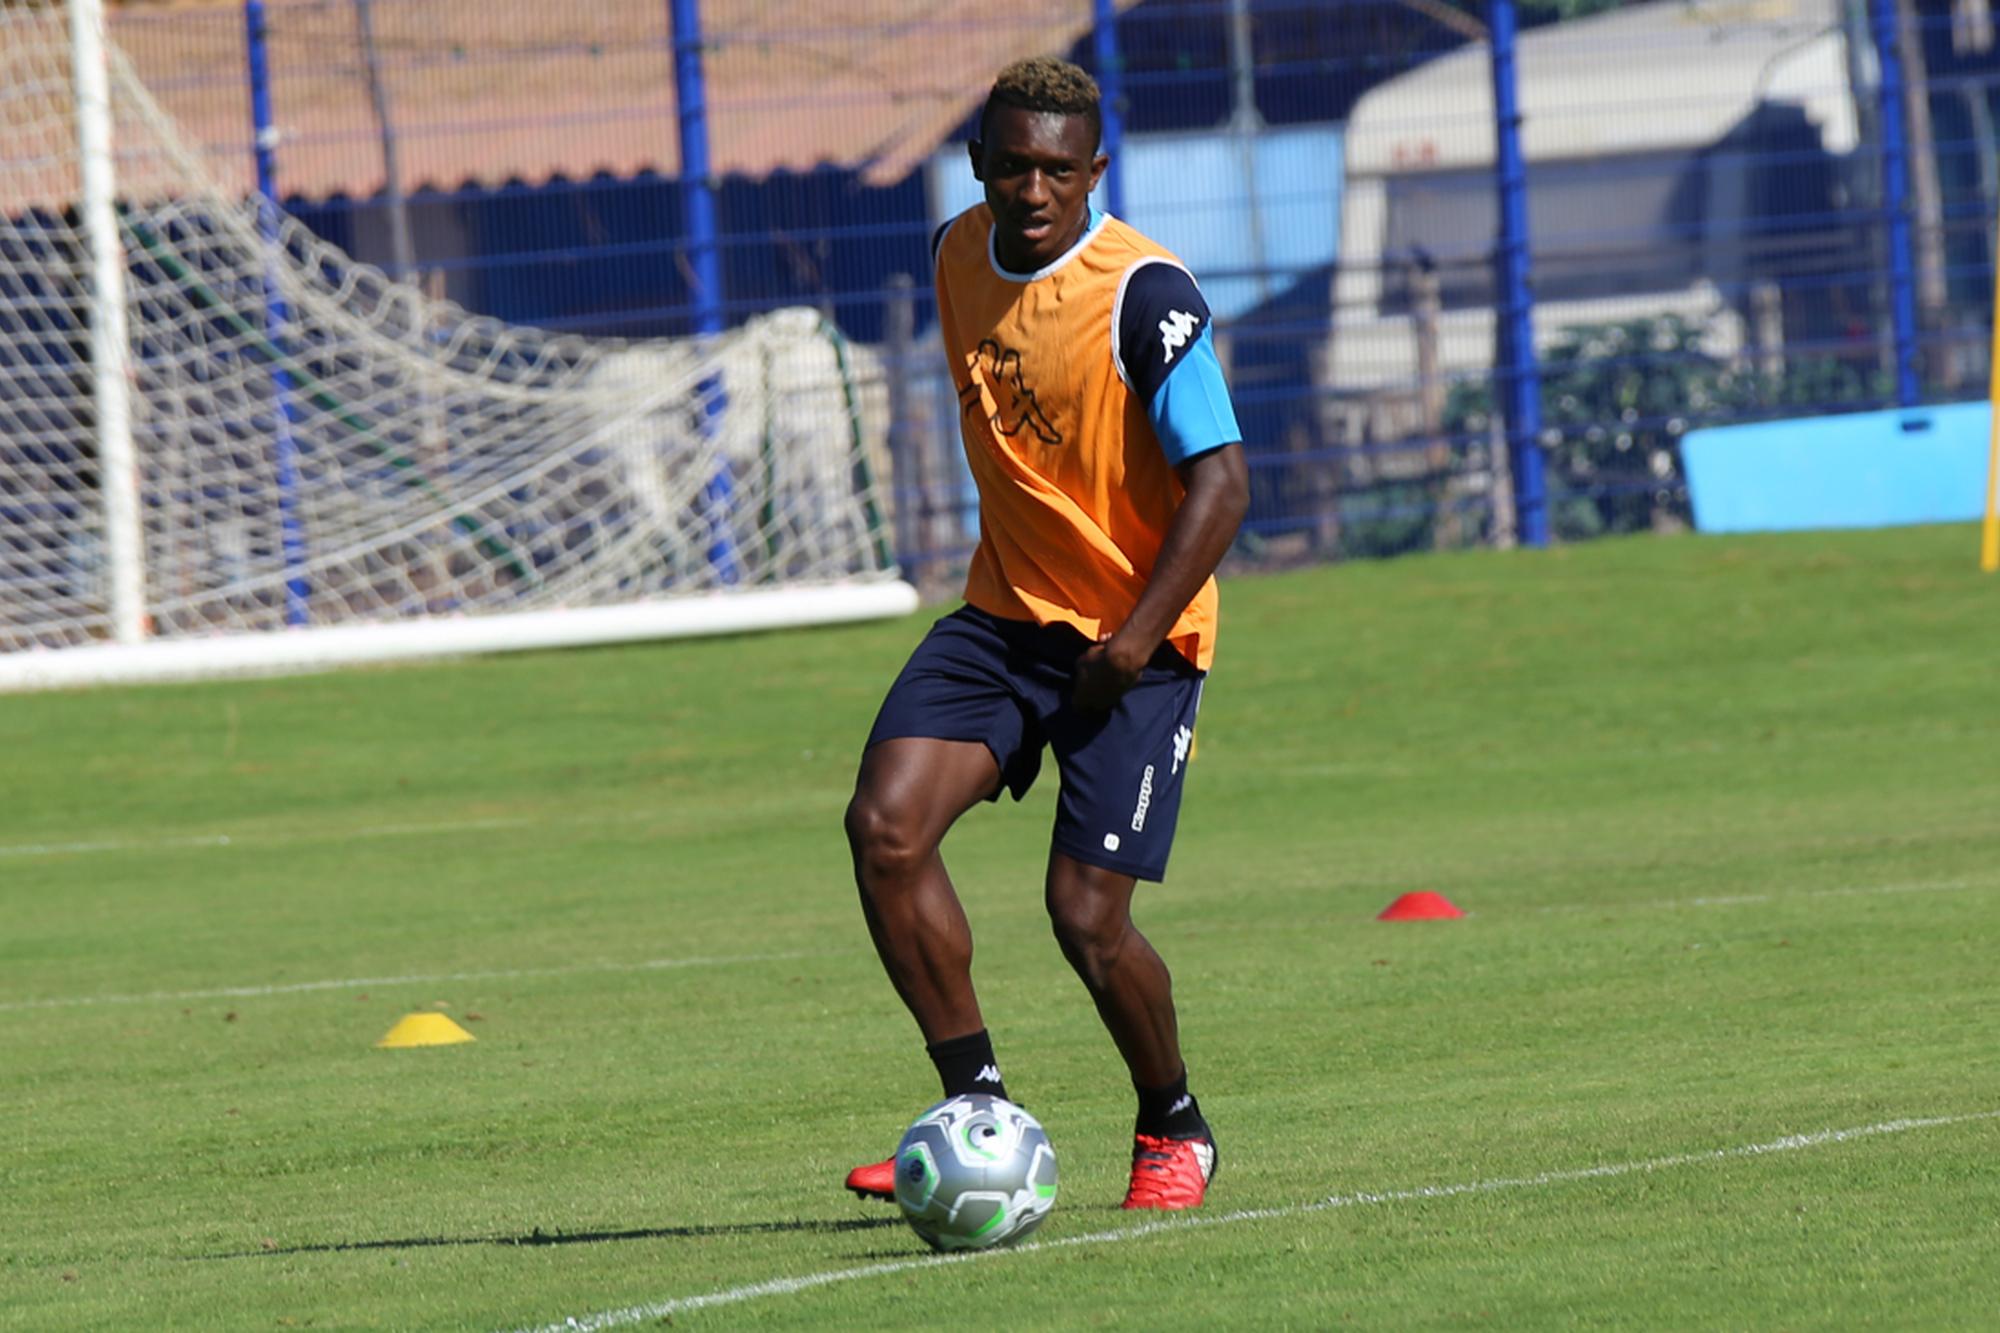 Ripresa di l'intrenamentu pè Abdoulaye Keita